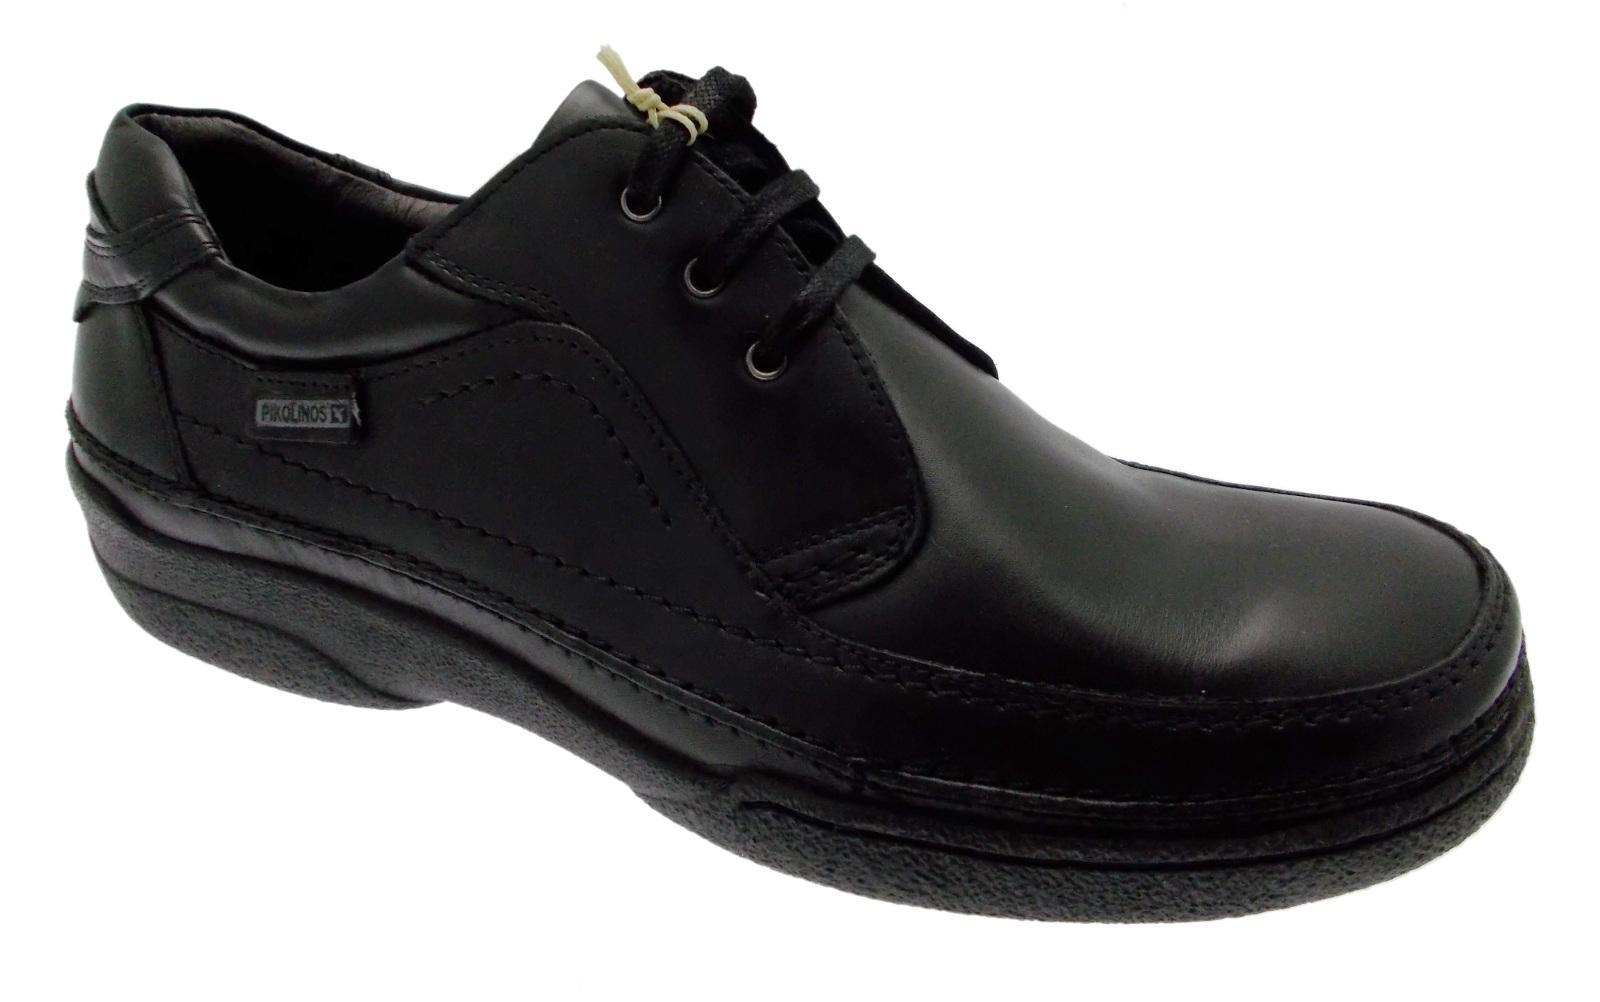 Lacci pelle nero scarpa art 04K-5621 scarpa nero uomo classica Pikolinos 1cd9b0